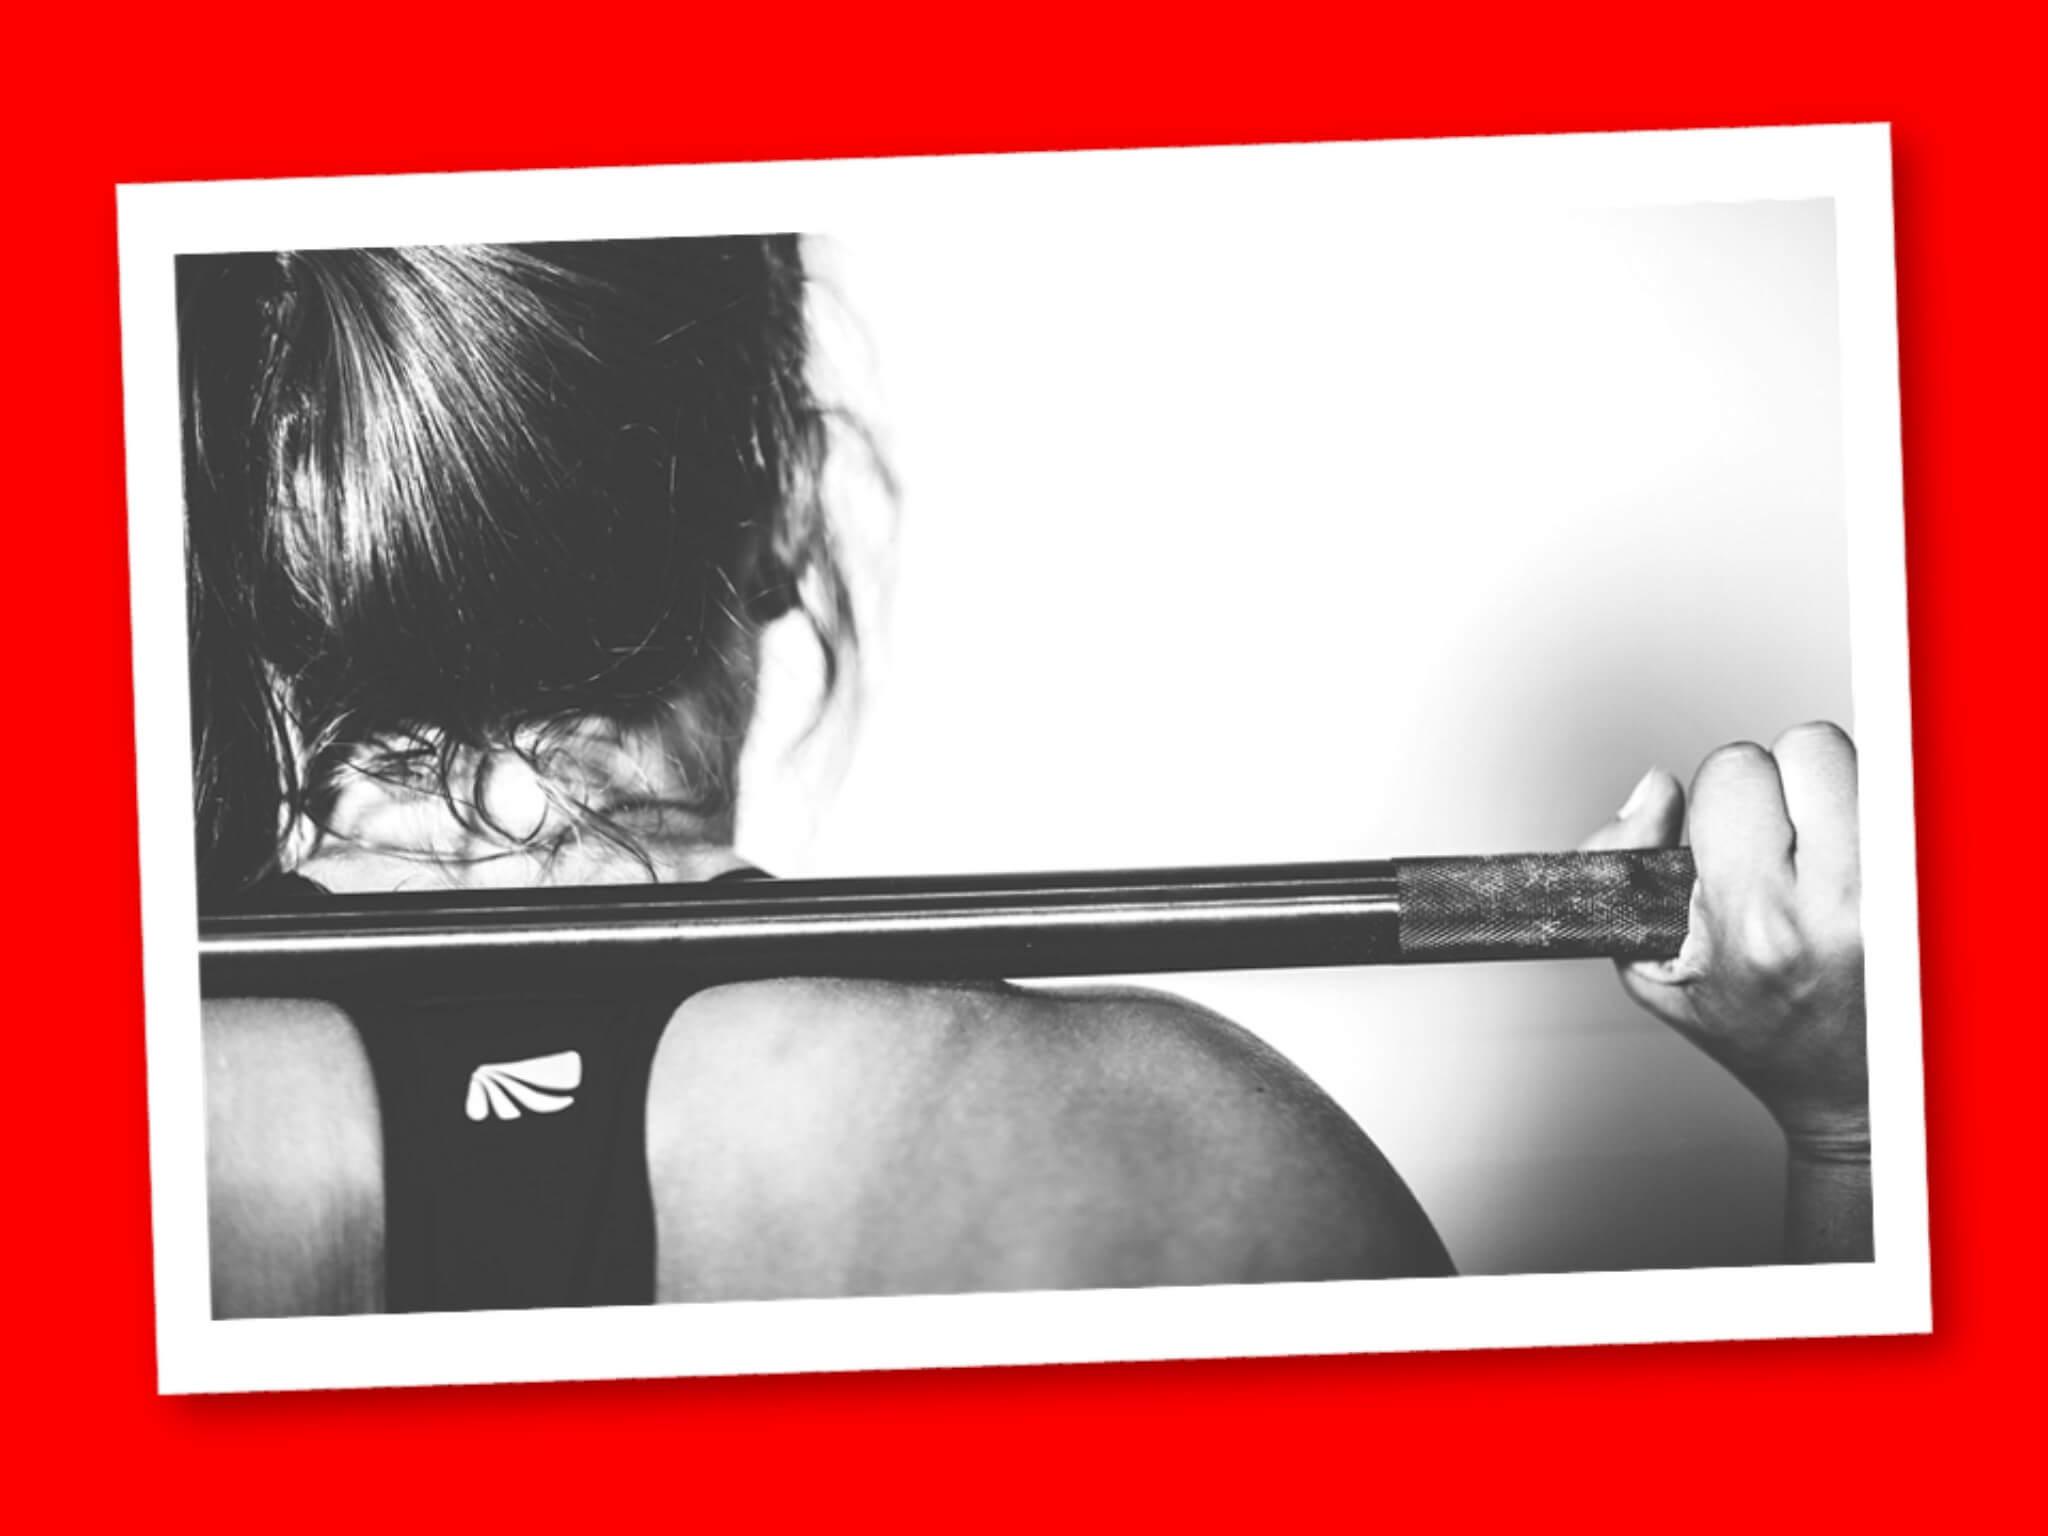 Gestire i carichi elevati nell'allenamento al femminile